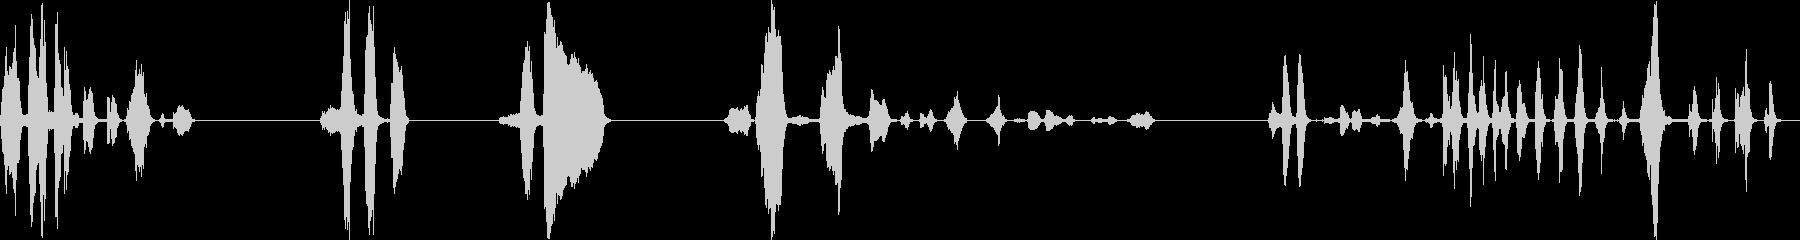 子供、12歳、笑い声、5バージョン...の未再生の波形